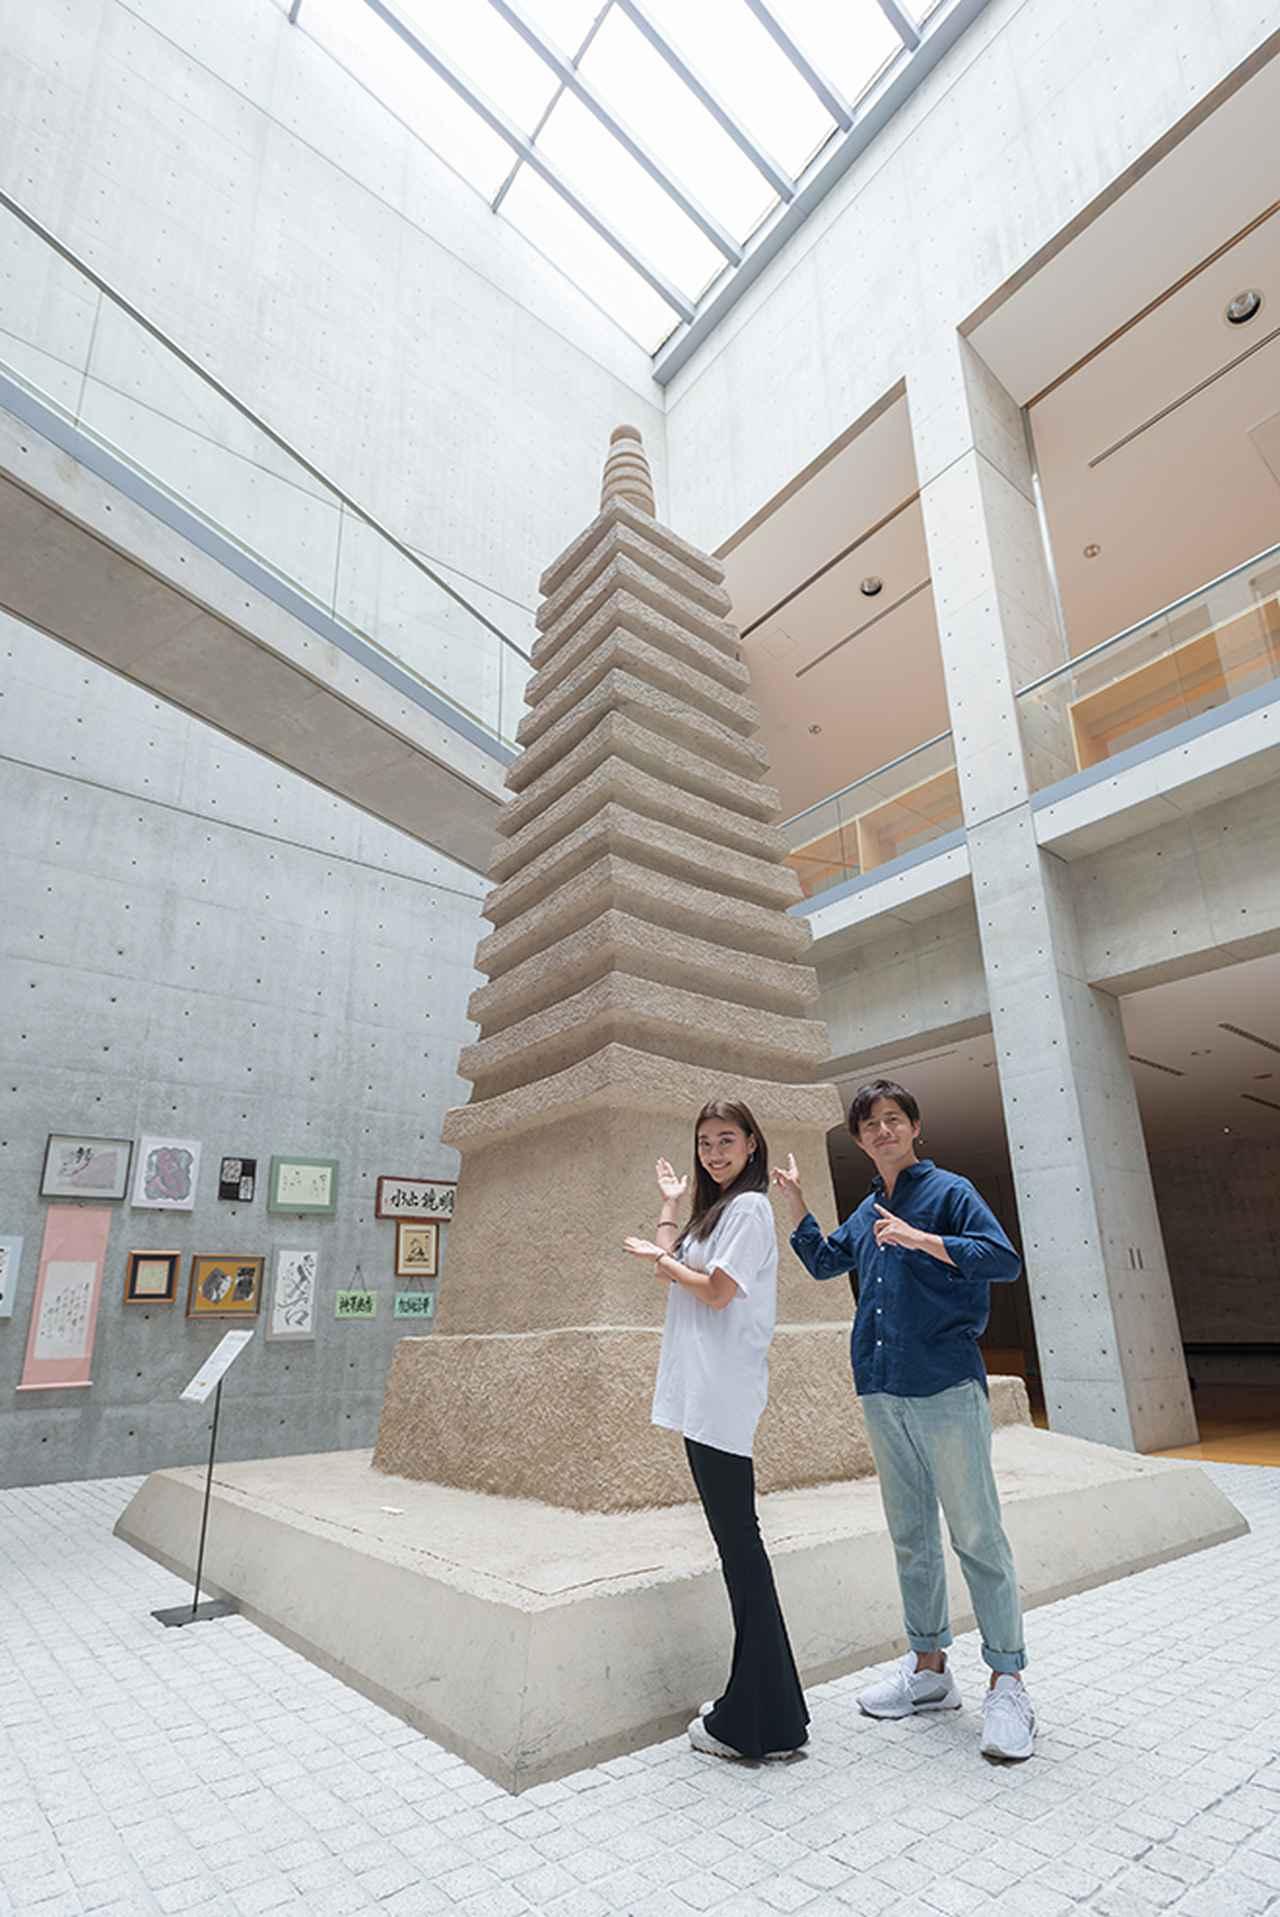 画像3: 安藤忠雄氏が建築設計した博物館なんです!